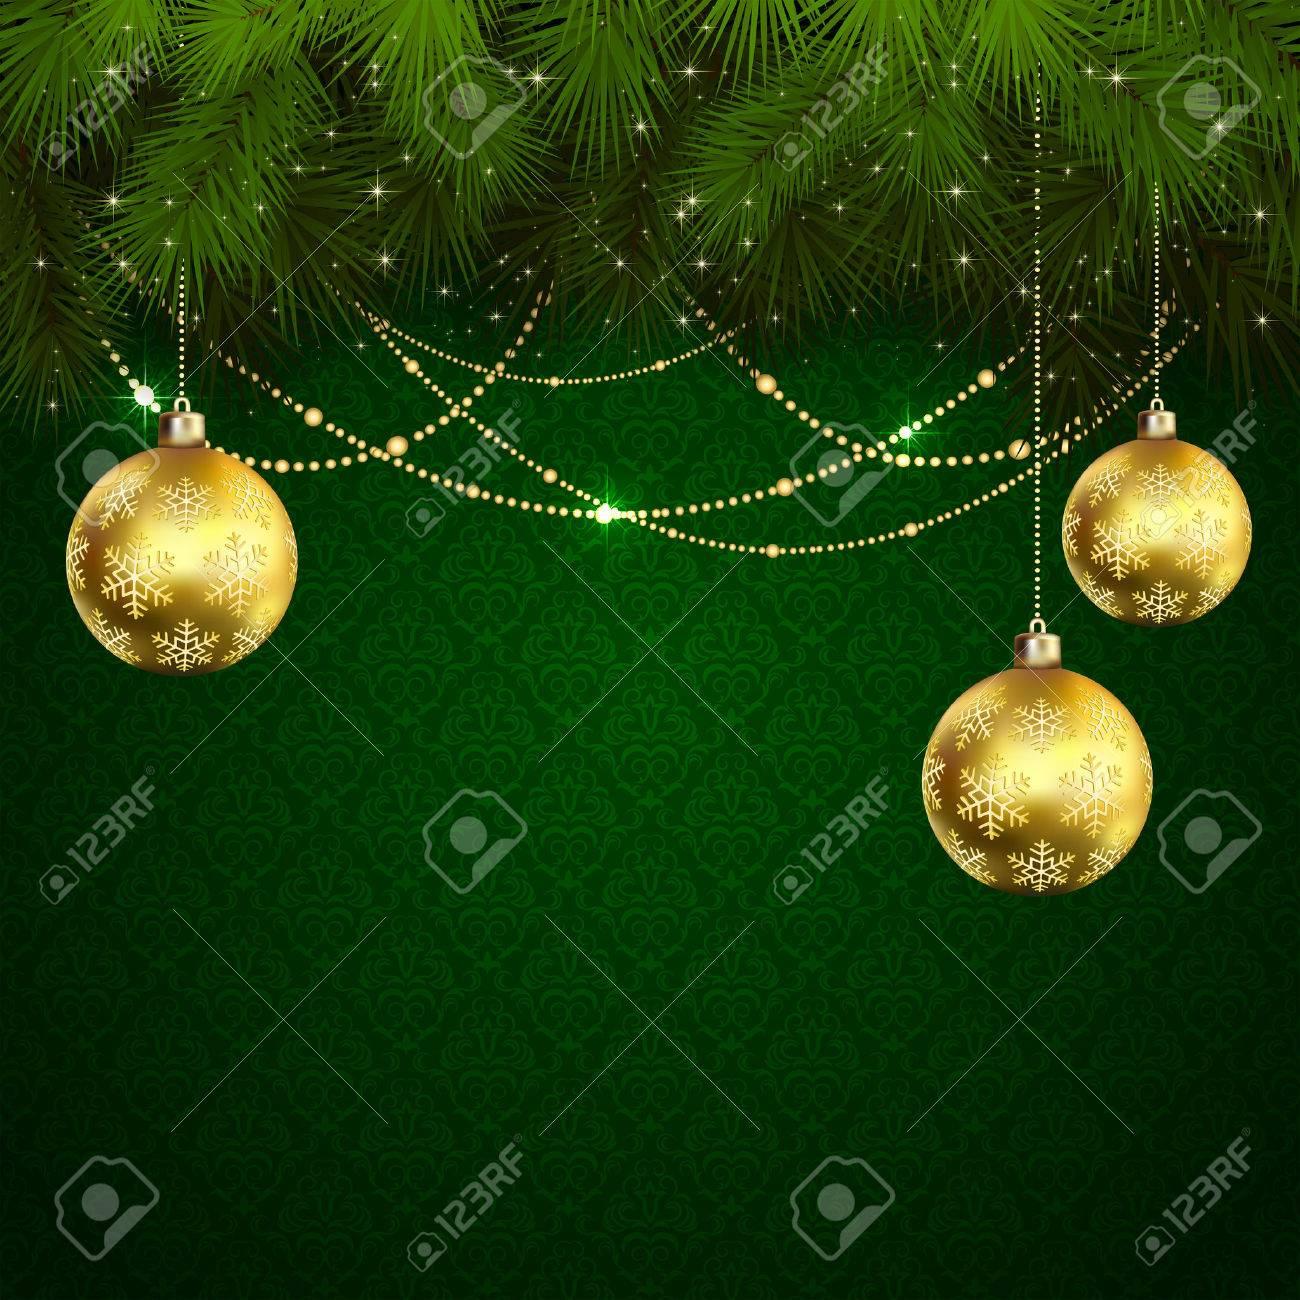 緑の壁紙イラストつまらないクリスマス ツリーの枝のイラスト素材